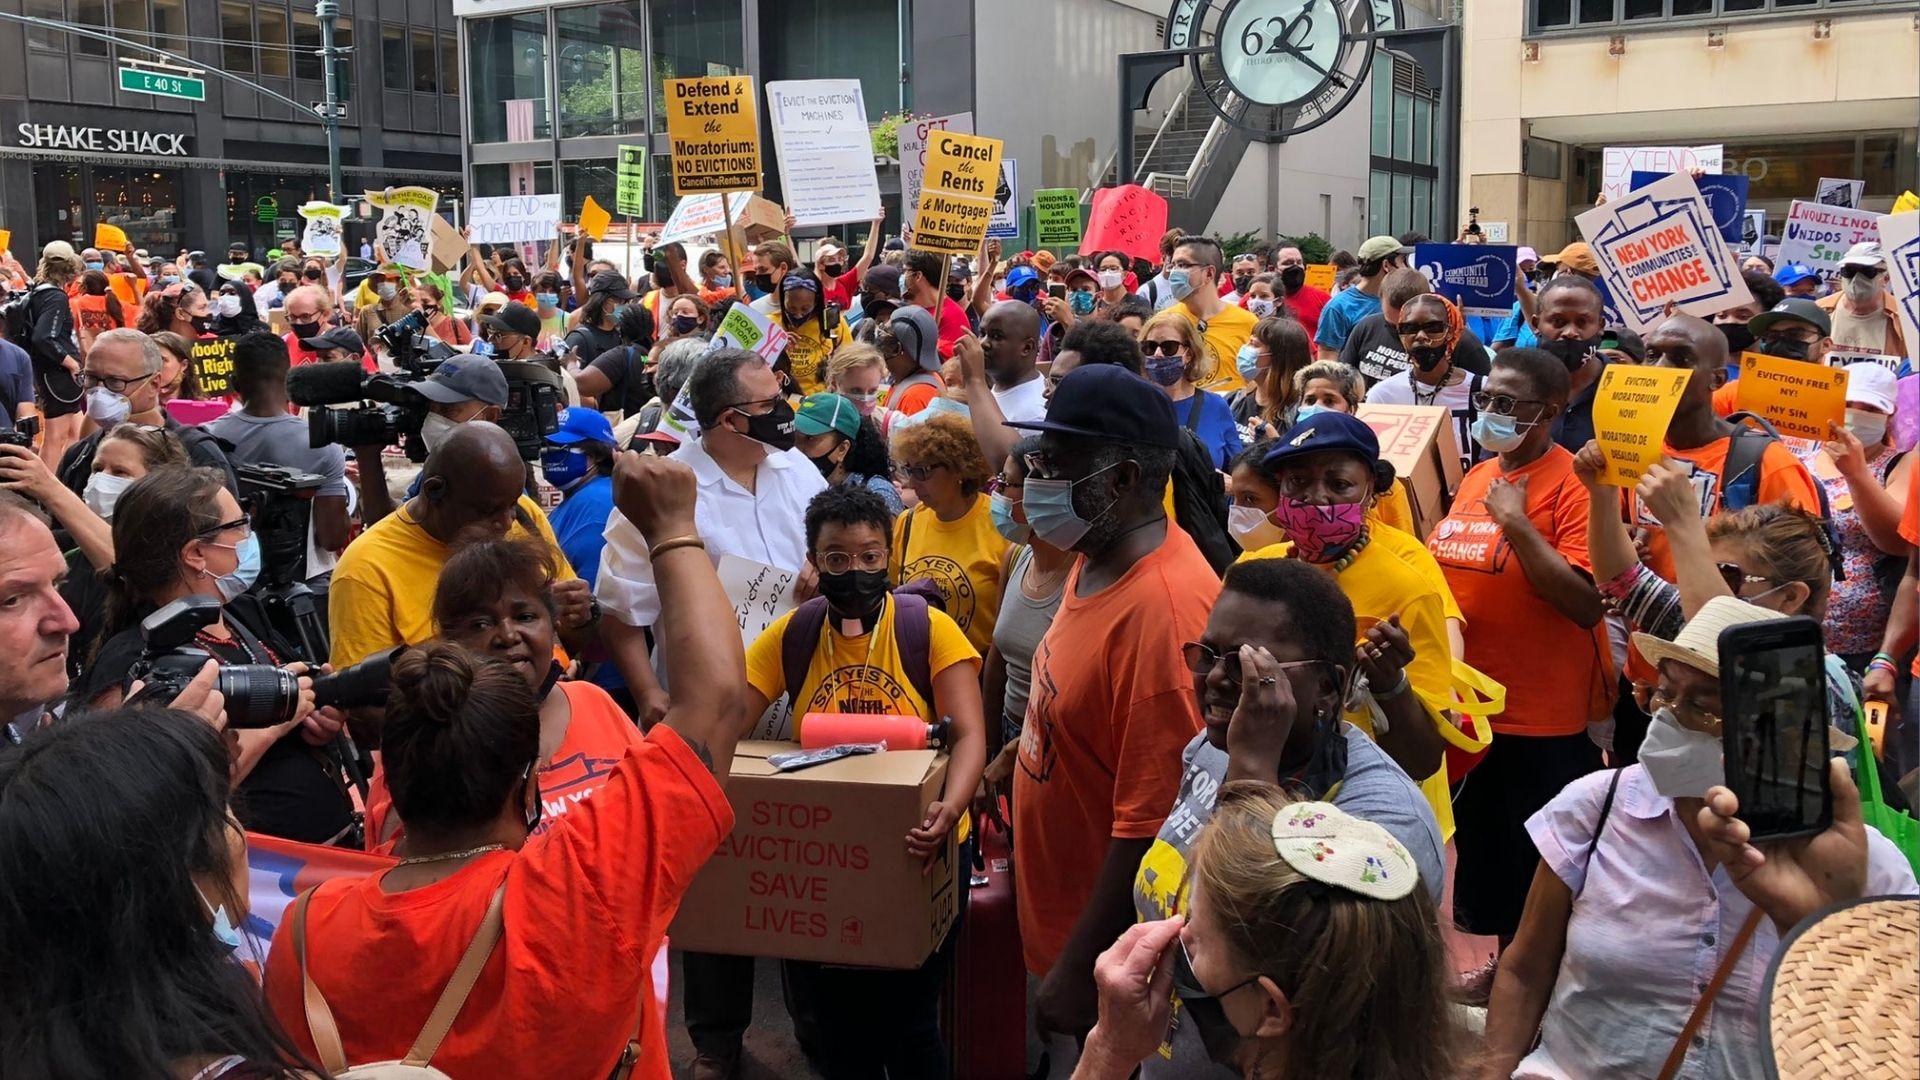 NY eviction protest